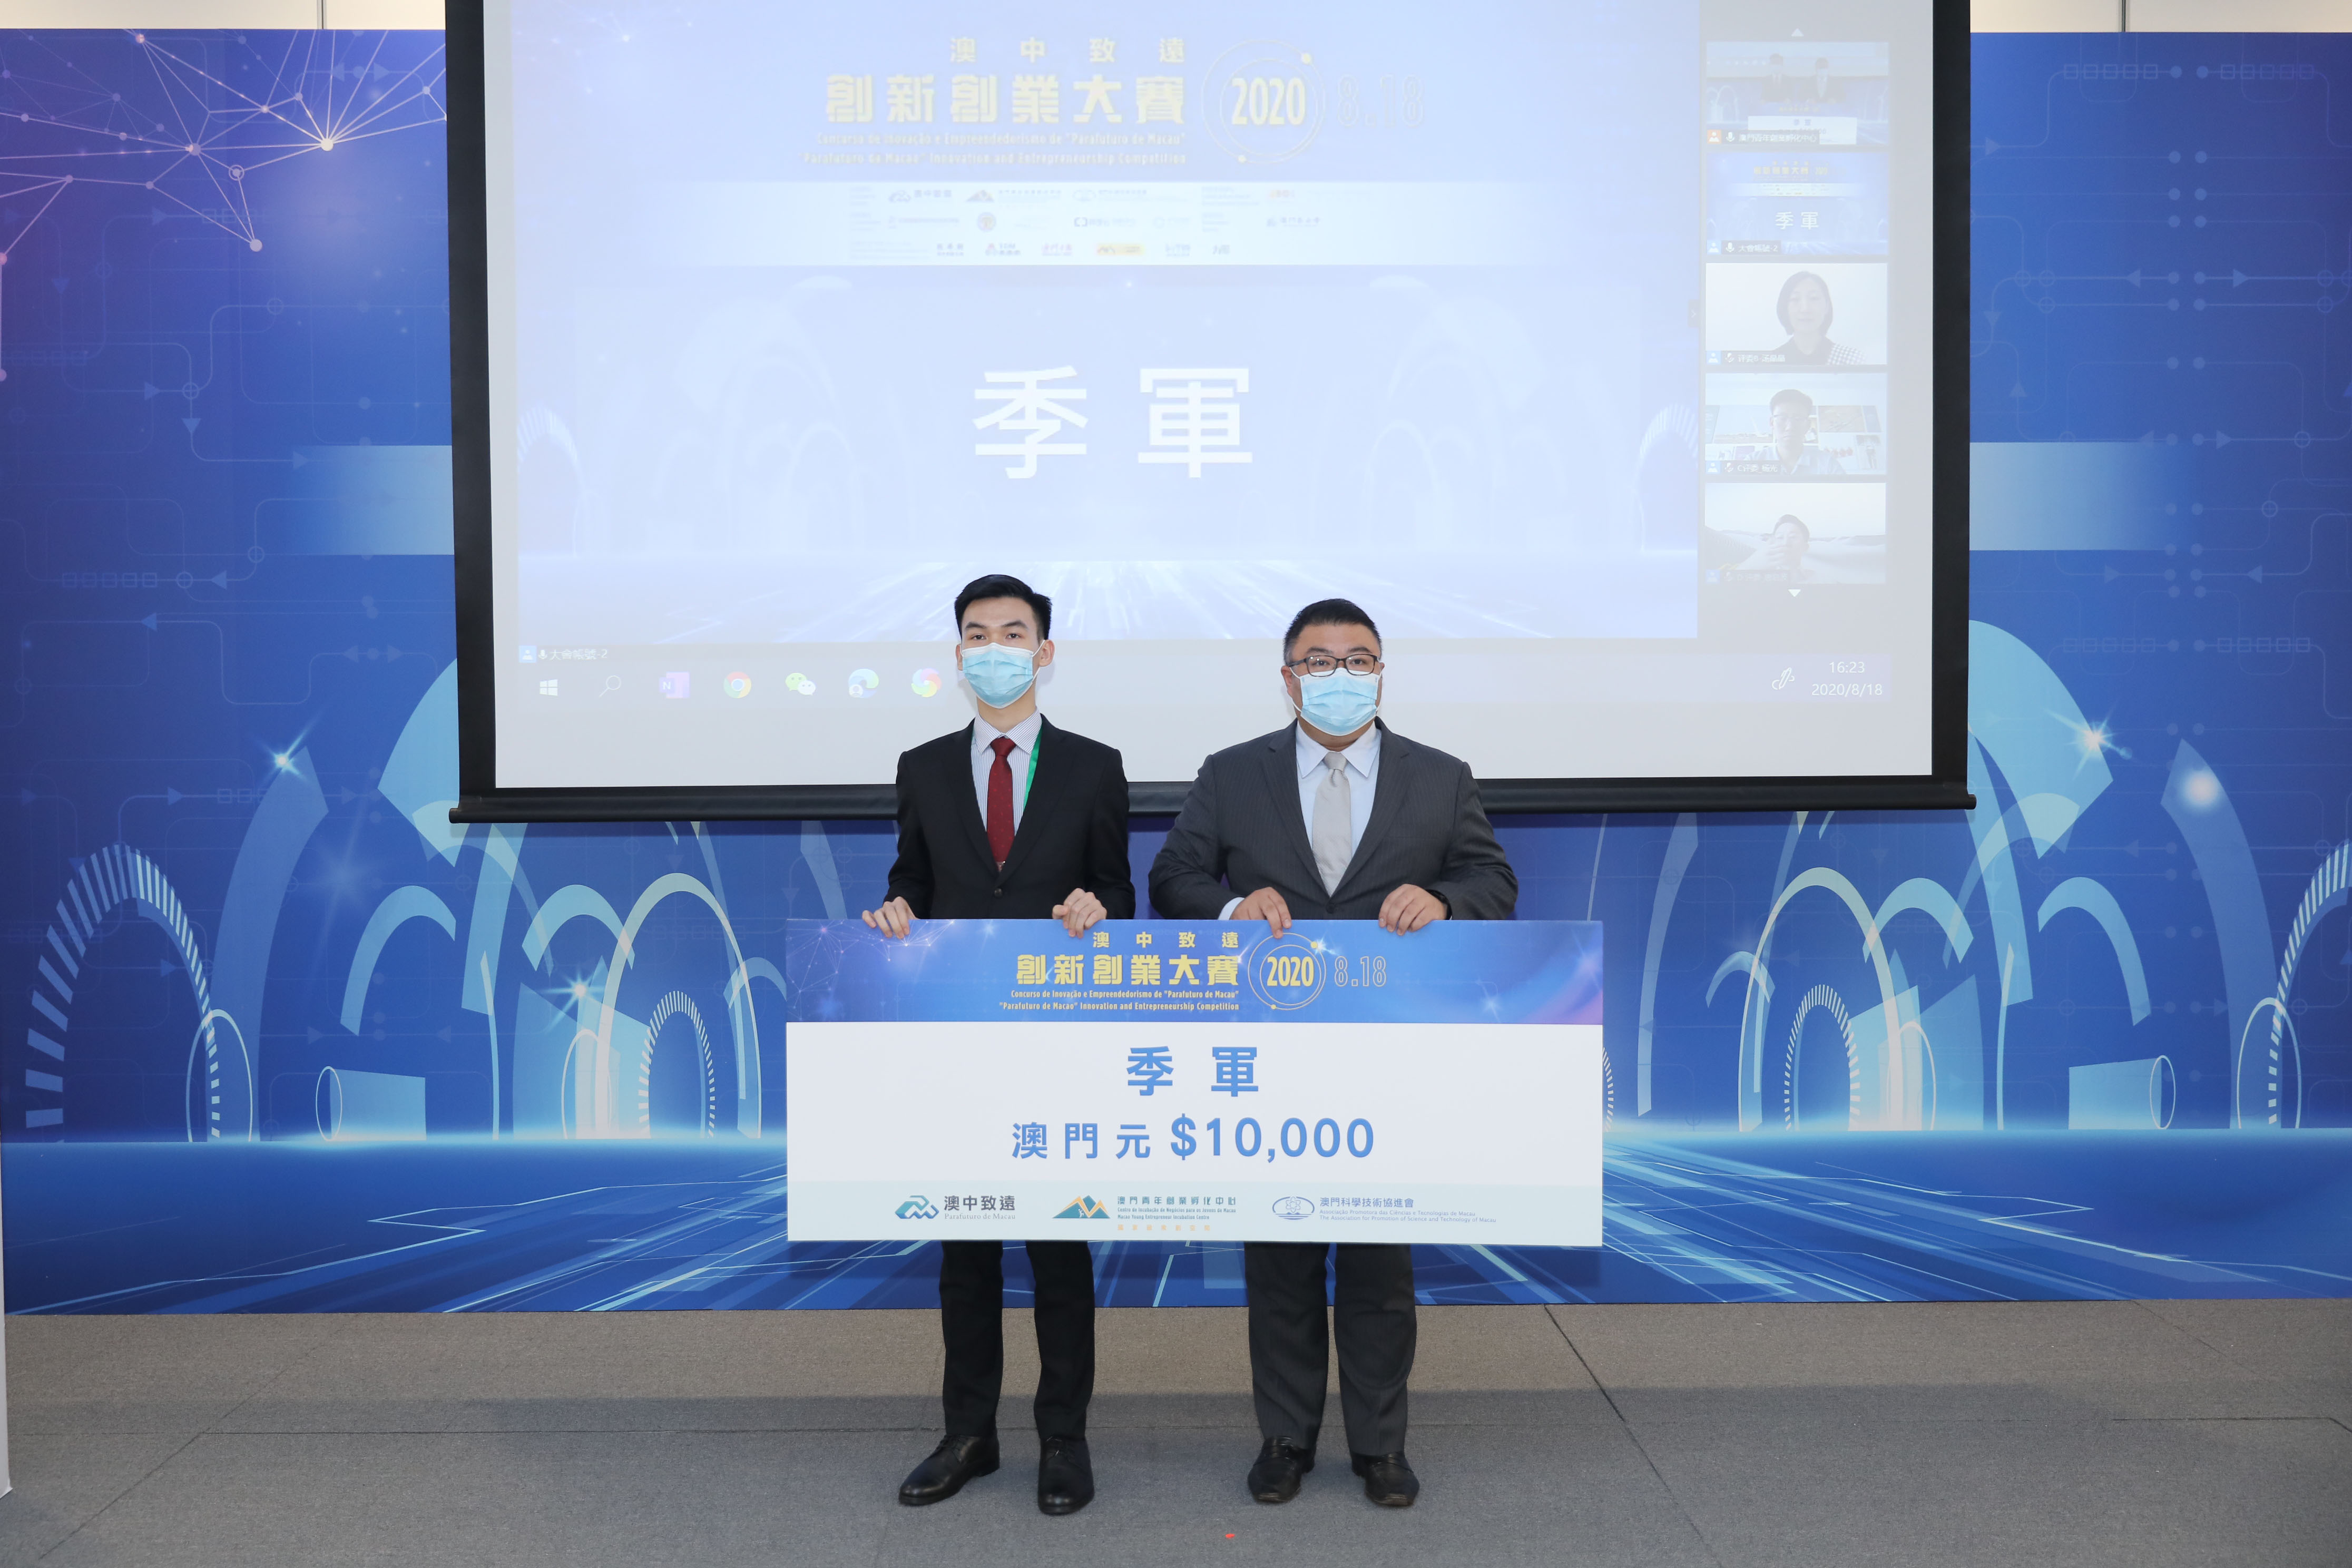 The UM team, Zidian Technology Co, Ltd, is the second runner-up